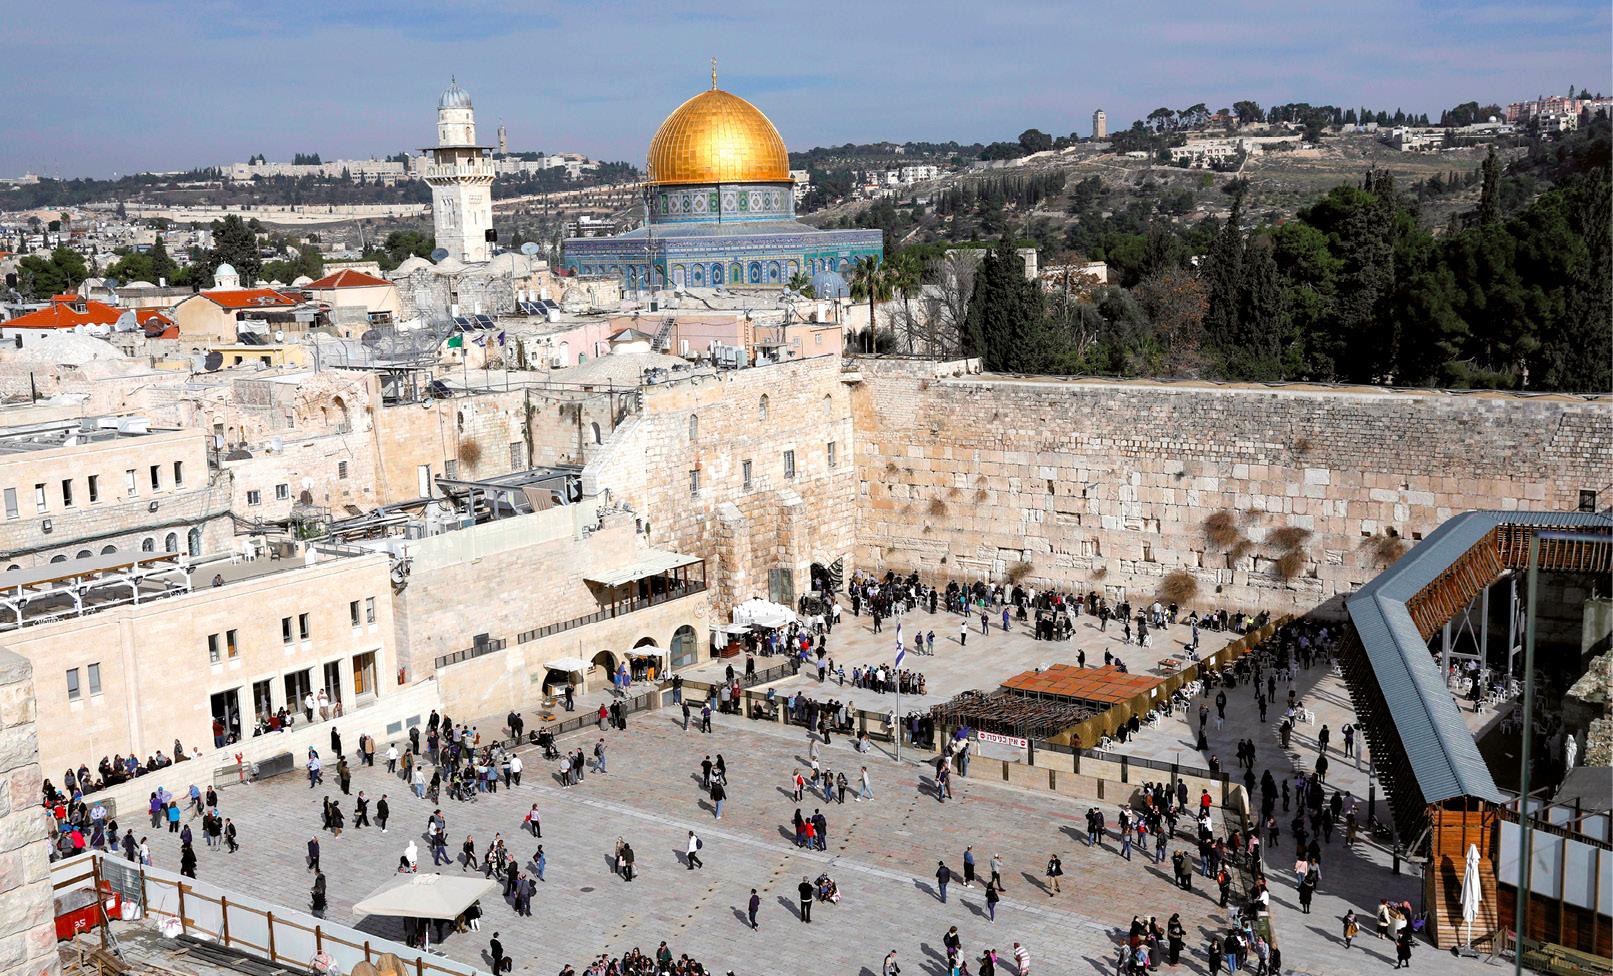 Muro Ocidental com a Cúpula da Mesquita ao fundo, na Cidade Velha de Jerusalém, janeiro de 2018. EPA / ABIR SULTAN